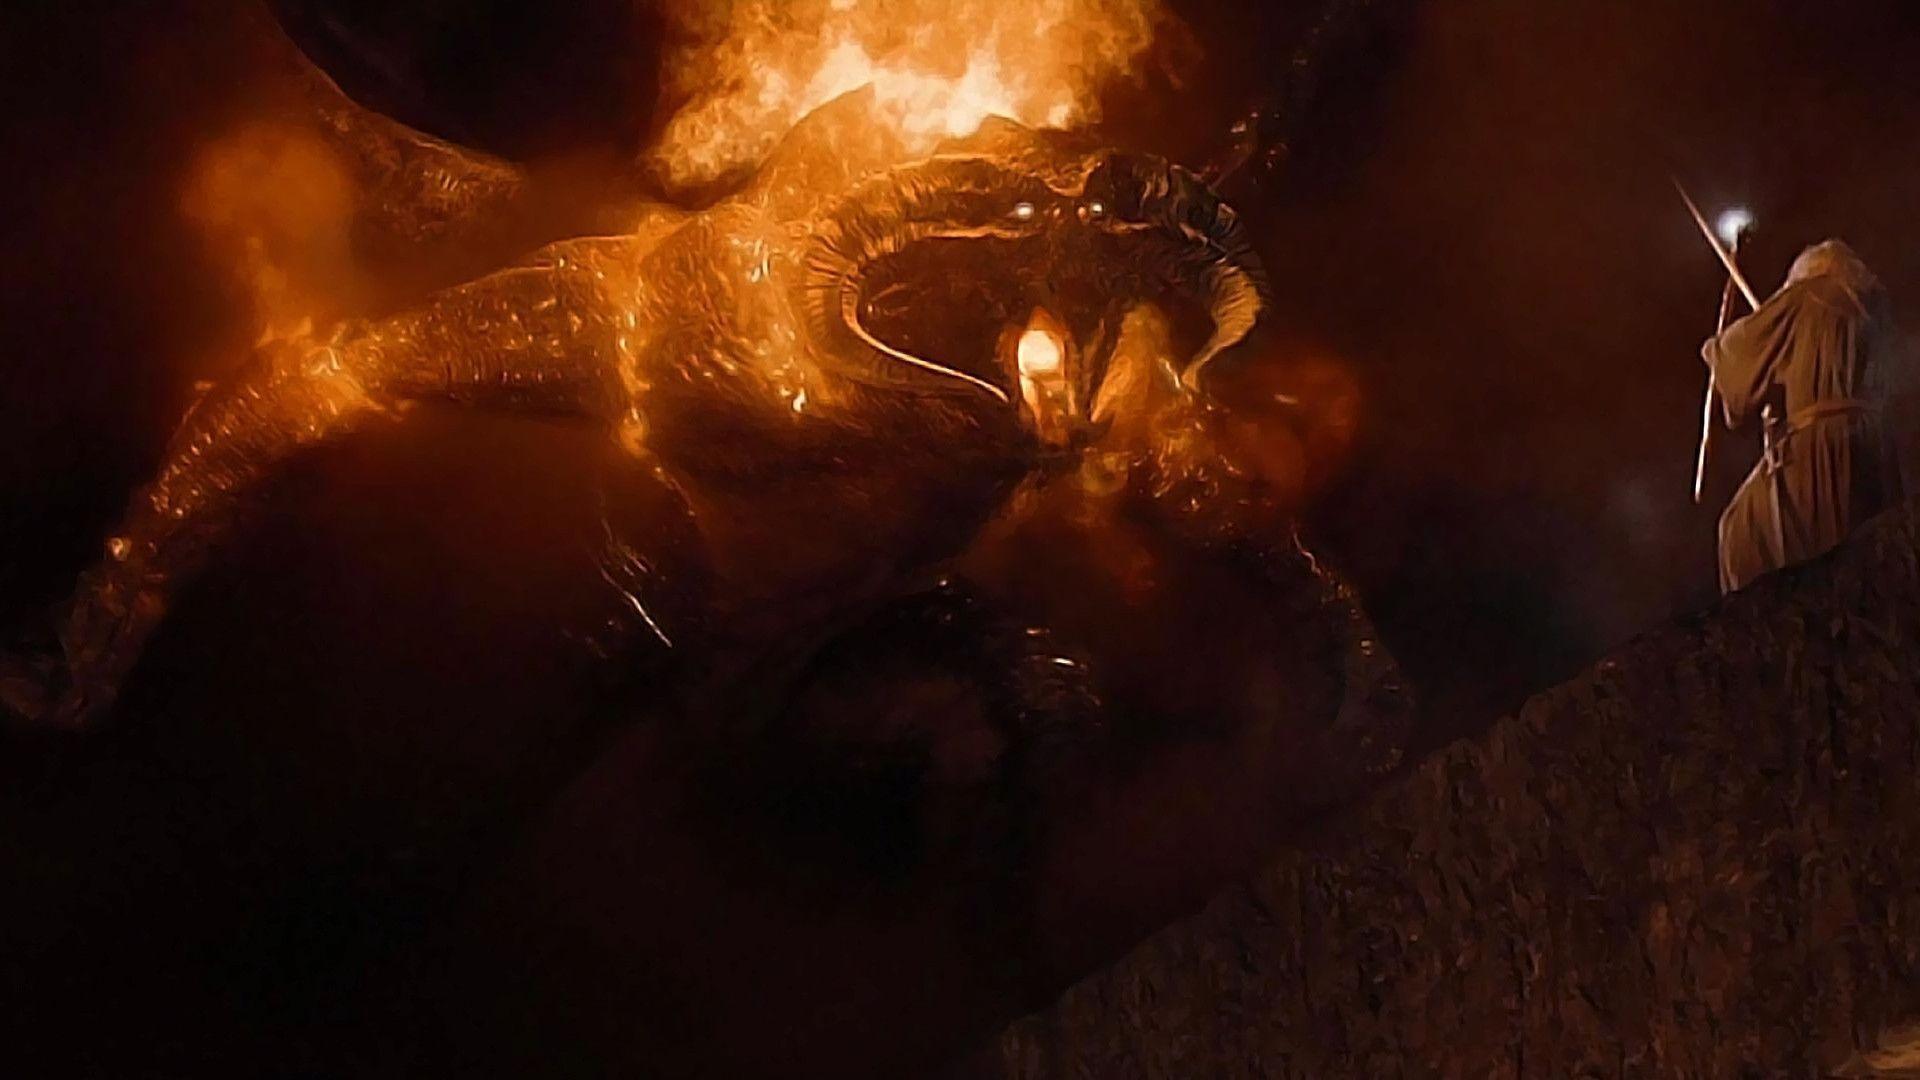 Balrog vs Gandalf Zoom Background